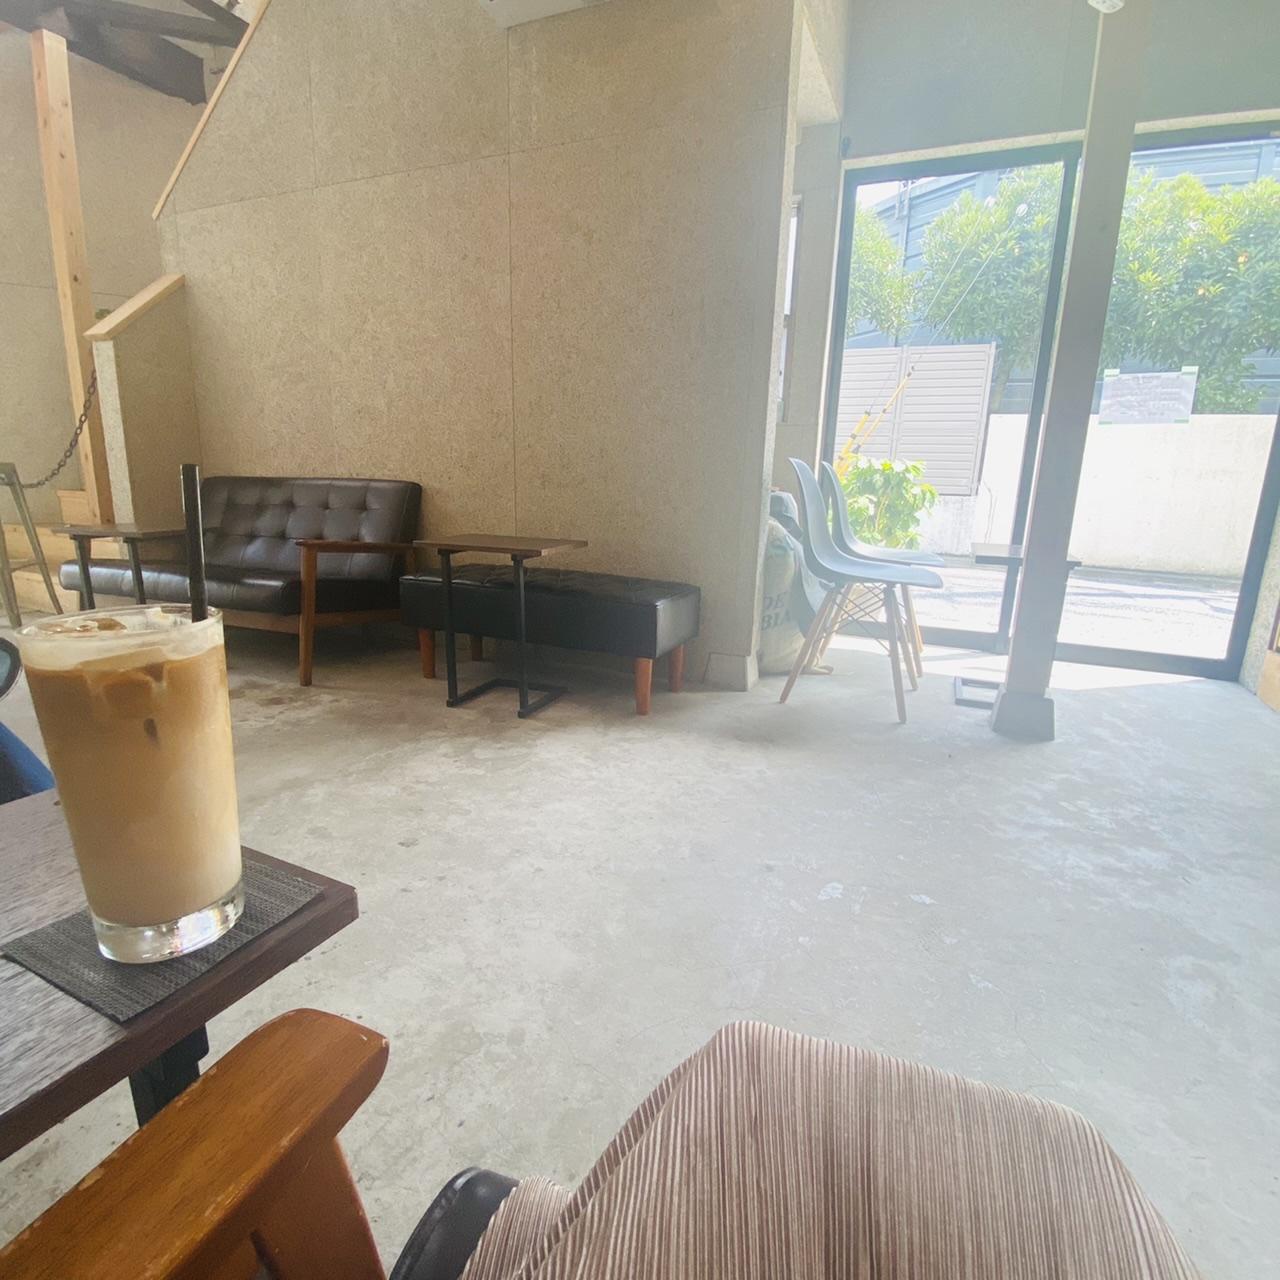 【北新宿カフェ】のんびりひとり時間を過ごすならココ!おすすめコーヒースタンドをご紹介★_2